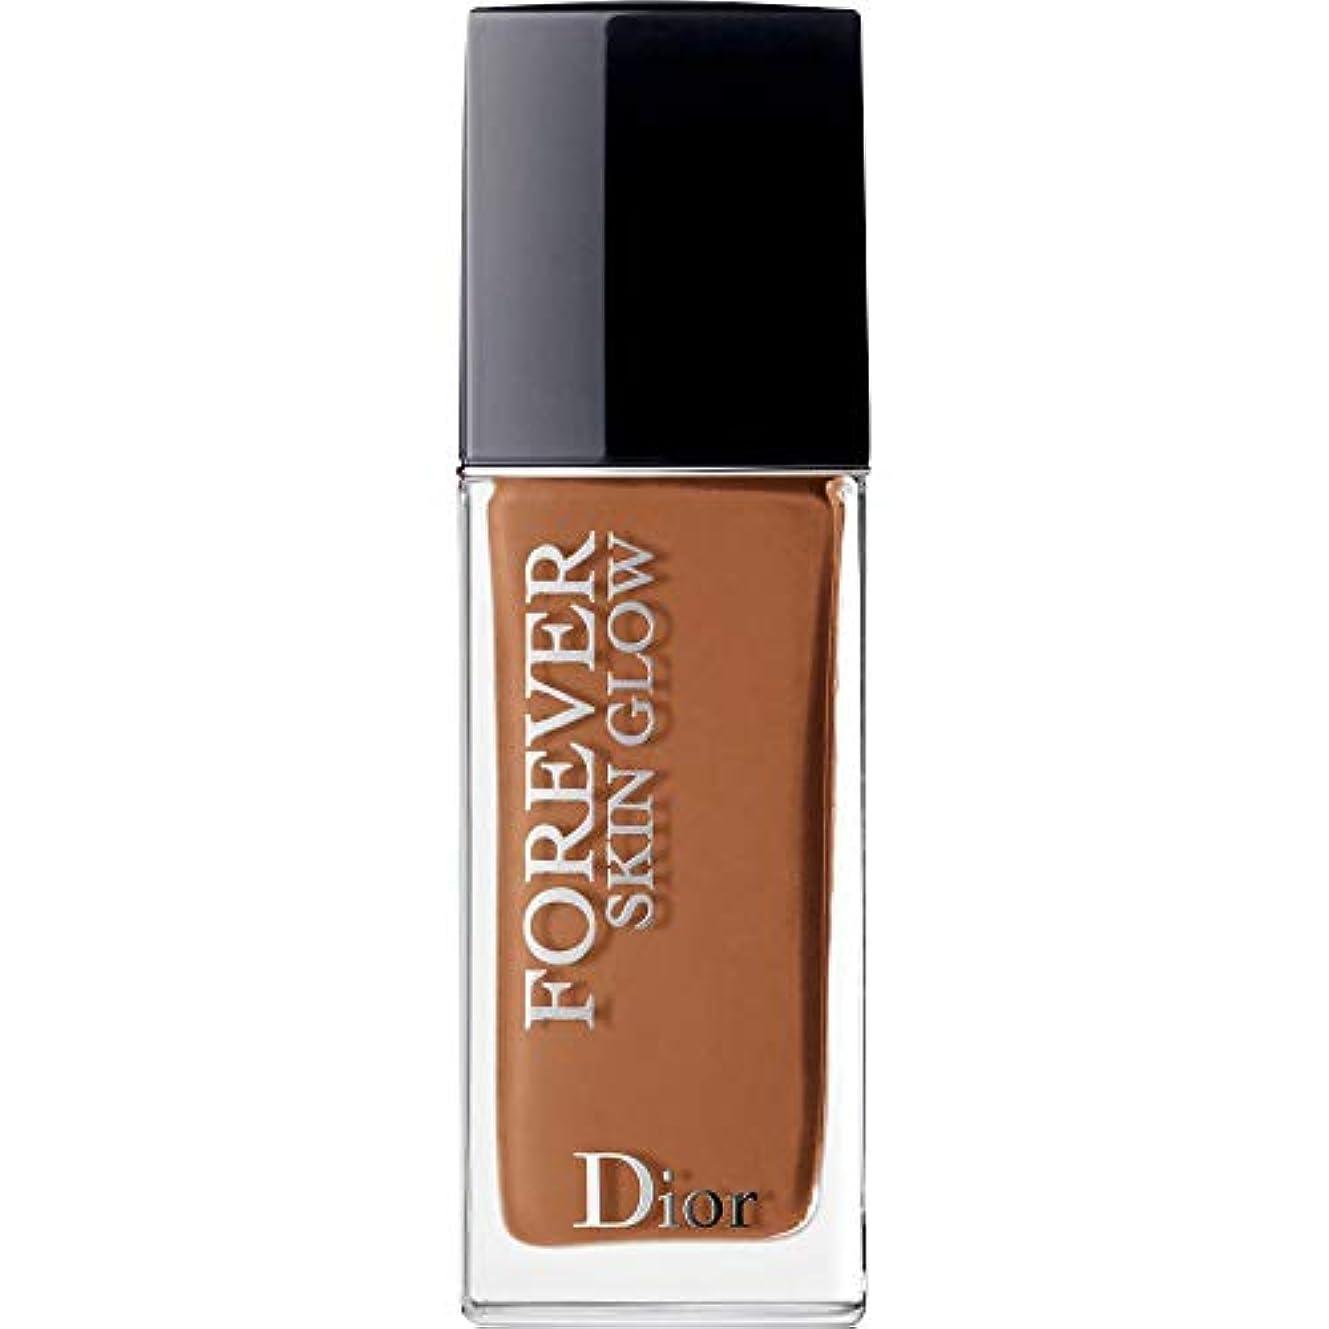 押す飲食店楕円形[Dior ] ディオール永遠に皮膚グロー皮膚思いやりの基礎Spf35 30ミリリットルの6N - ニュートラル(肌の輝き) - DIOR Forever Skin Glow Skin-Caring Foundation...